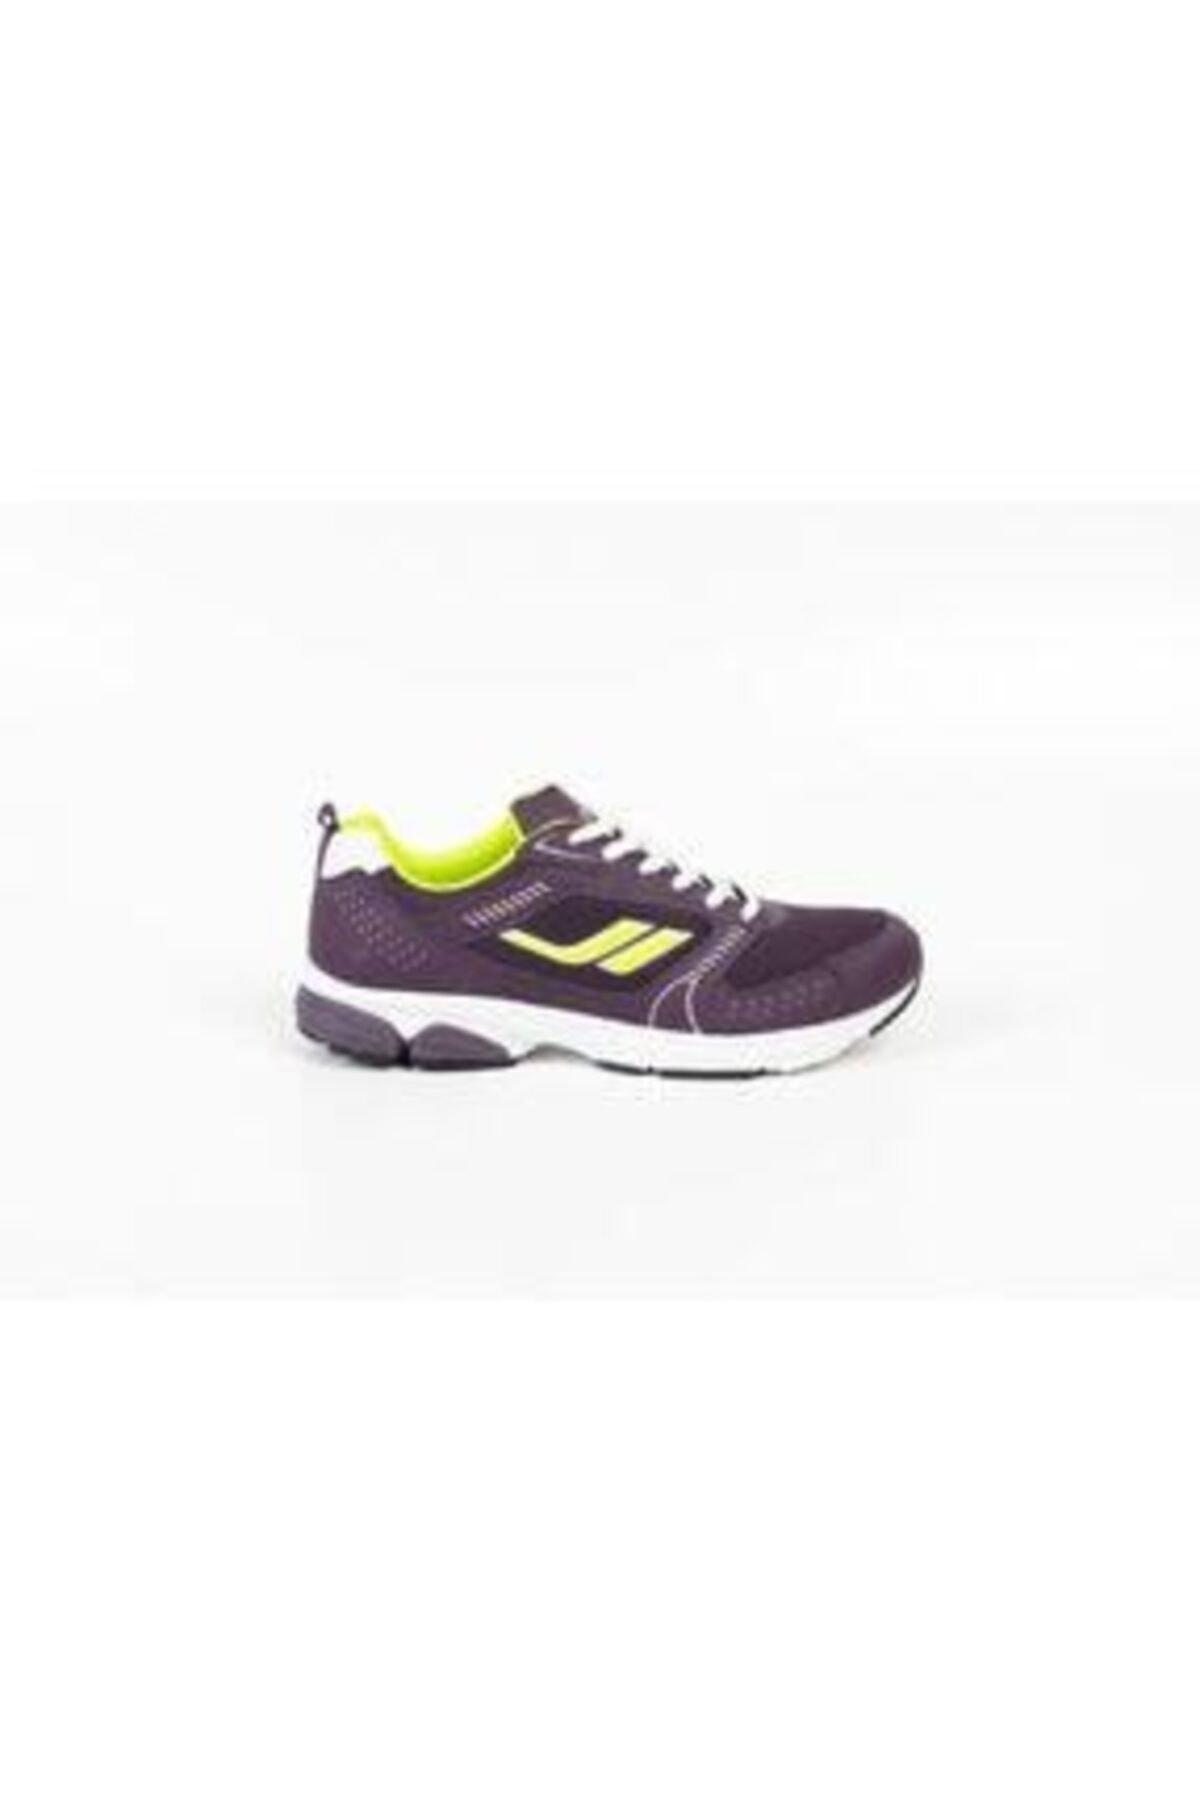 Lescon Kadın Yürüyüş Ayakkabısı L 3602 2